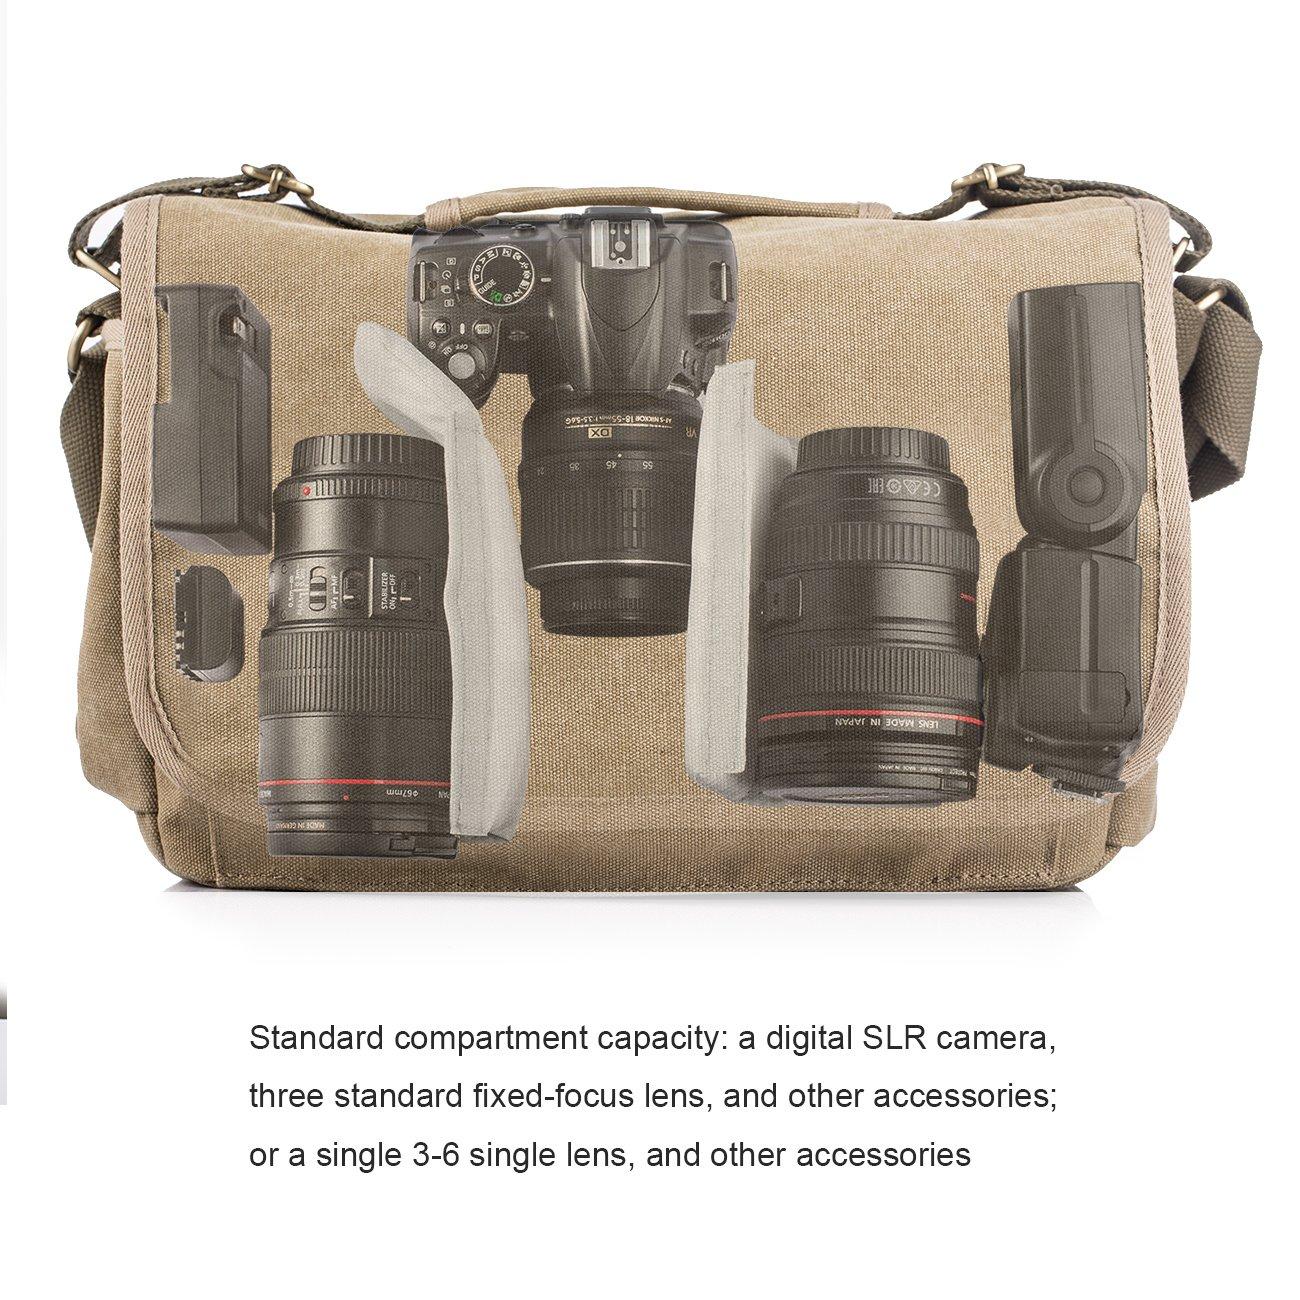 TARION RS-01 Bolsa de la Cámara de Lona Bolso de Hombro Impermeable de Fotografía para SLR Digital, Micro-SLR Clásico Retro, Excelente Calidad, color caqui: ...